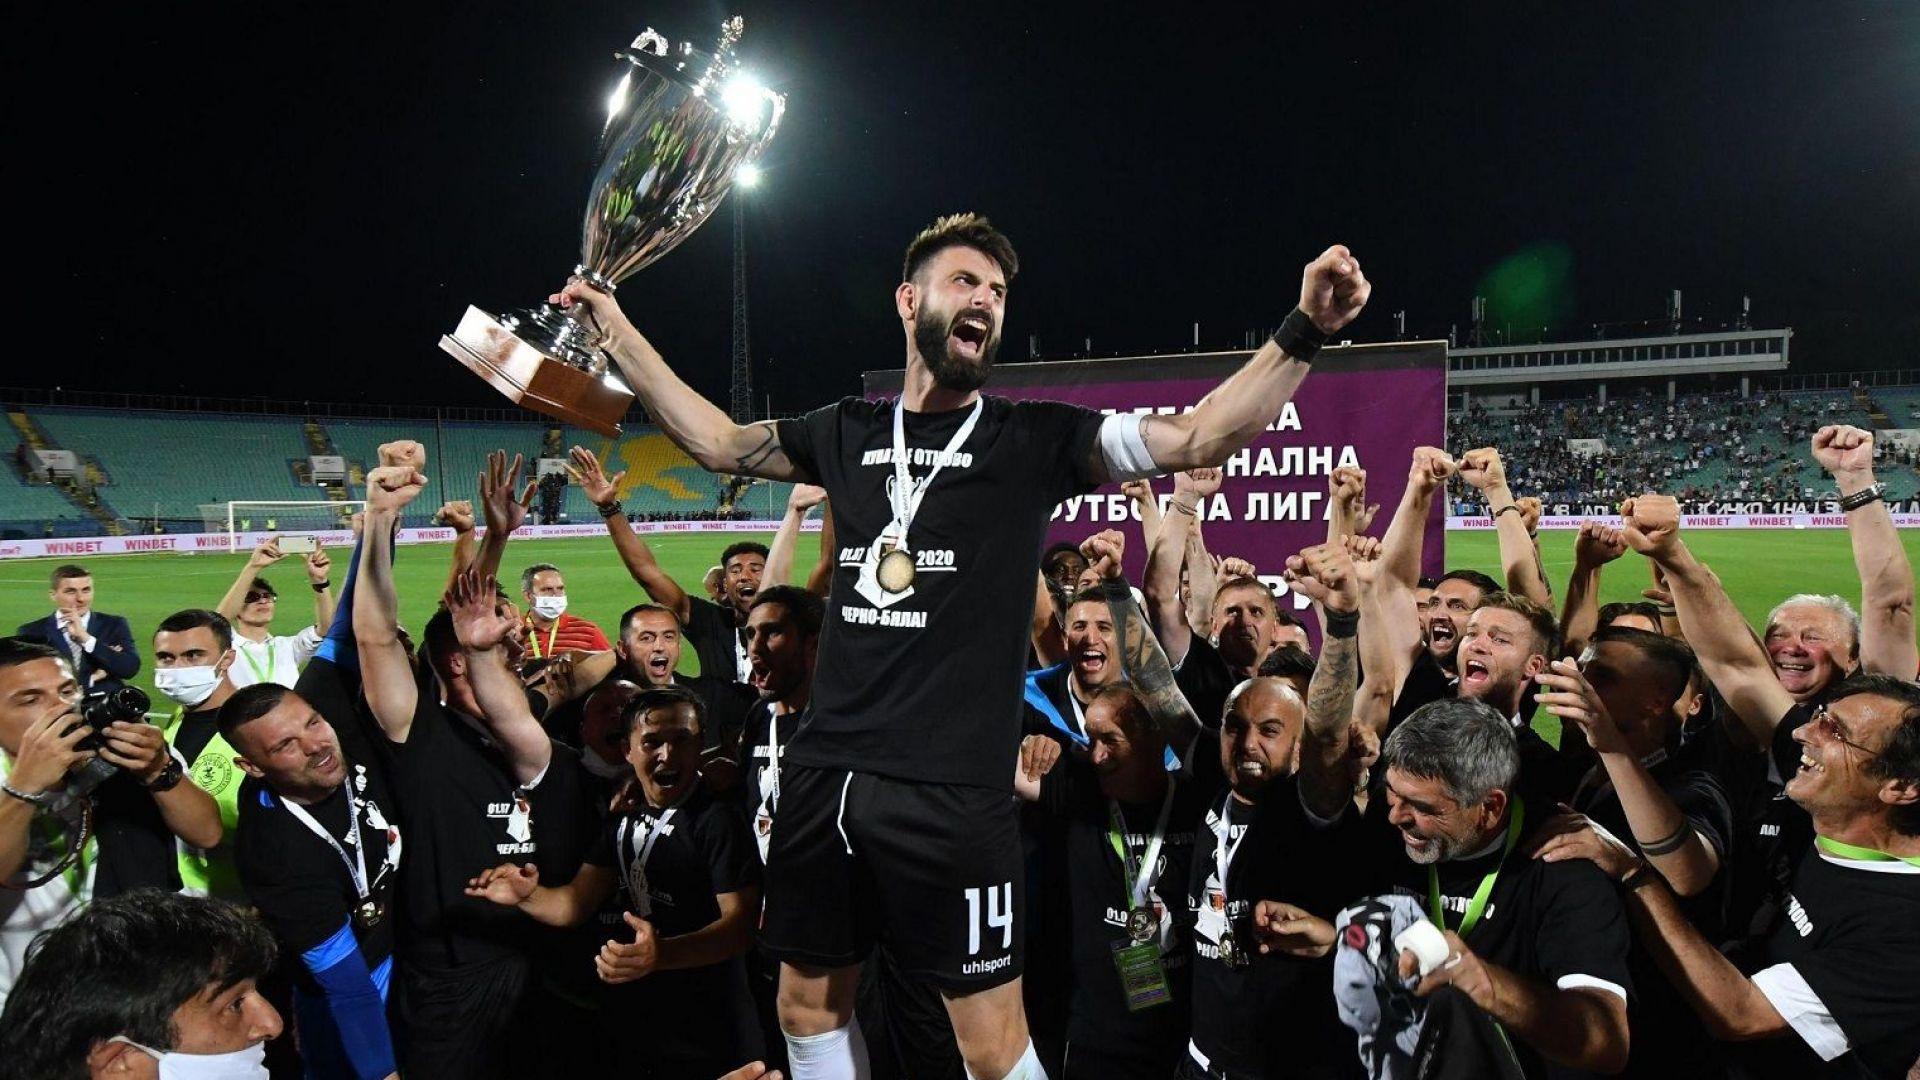 Димитър Илиев отново е Футболист №1 на България и се нареди до легенди